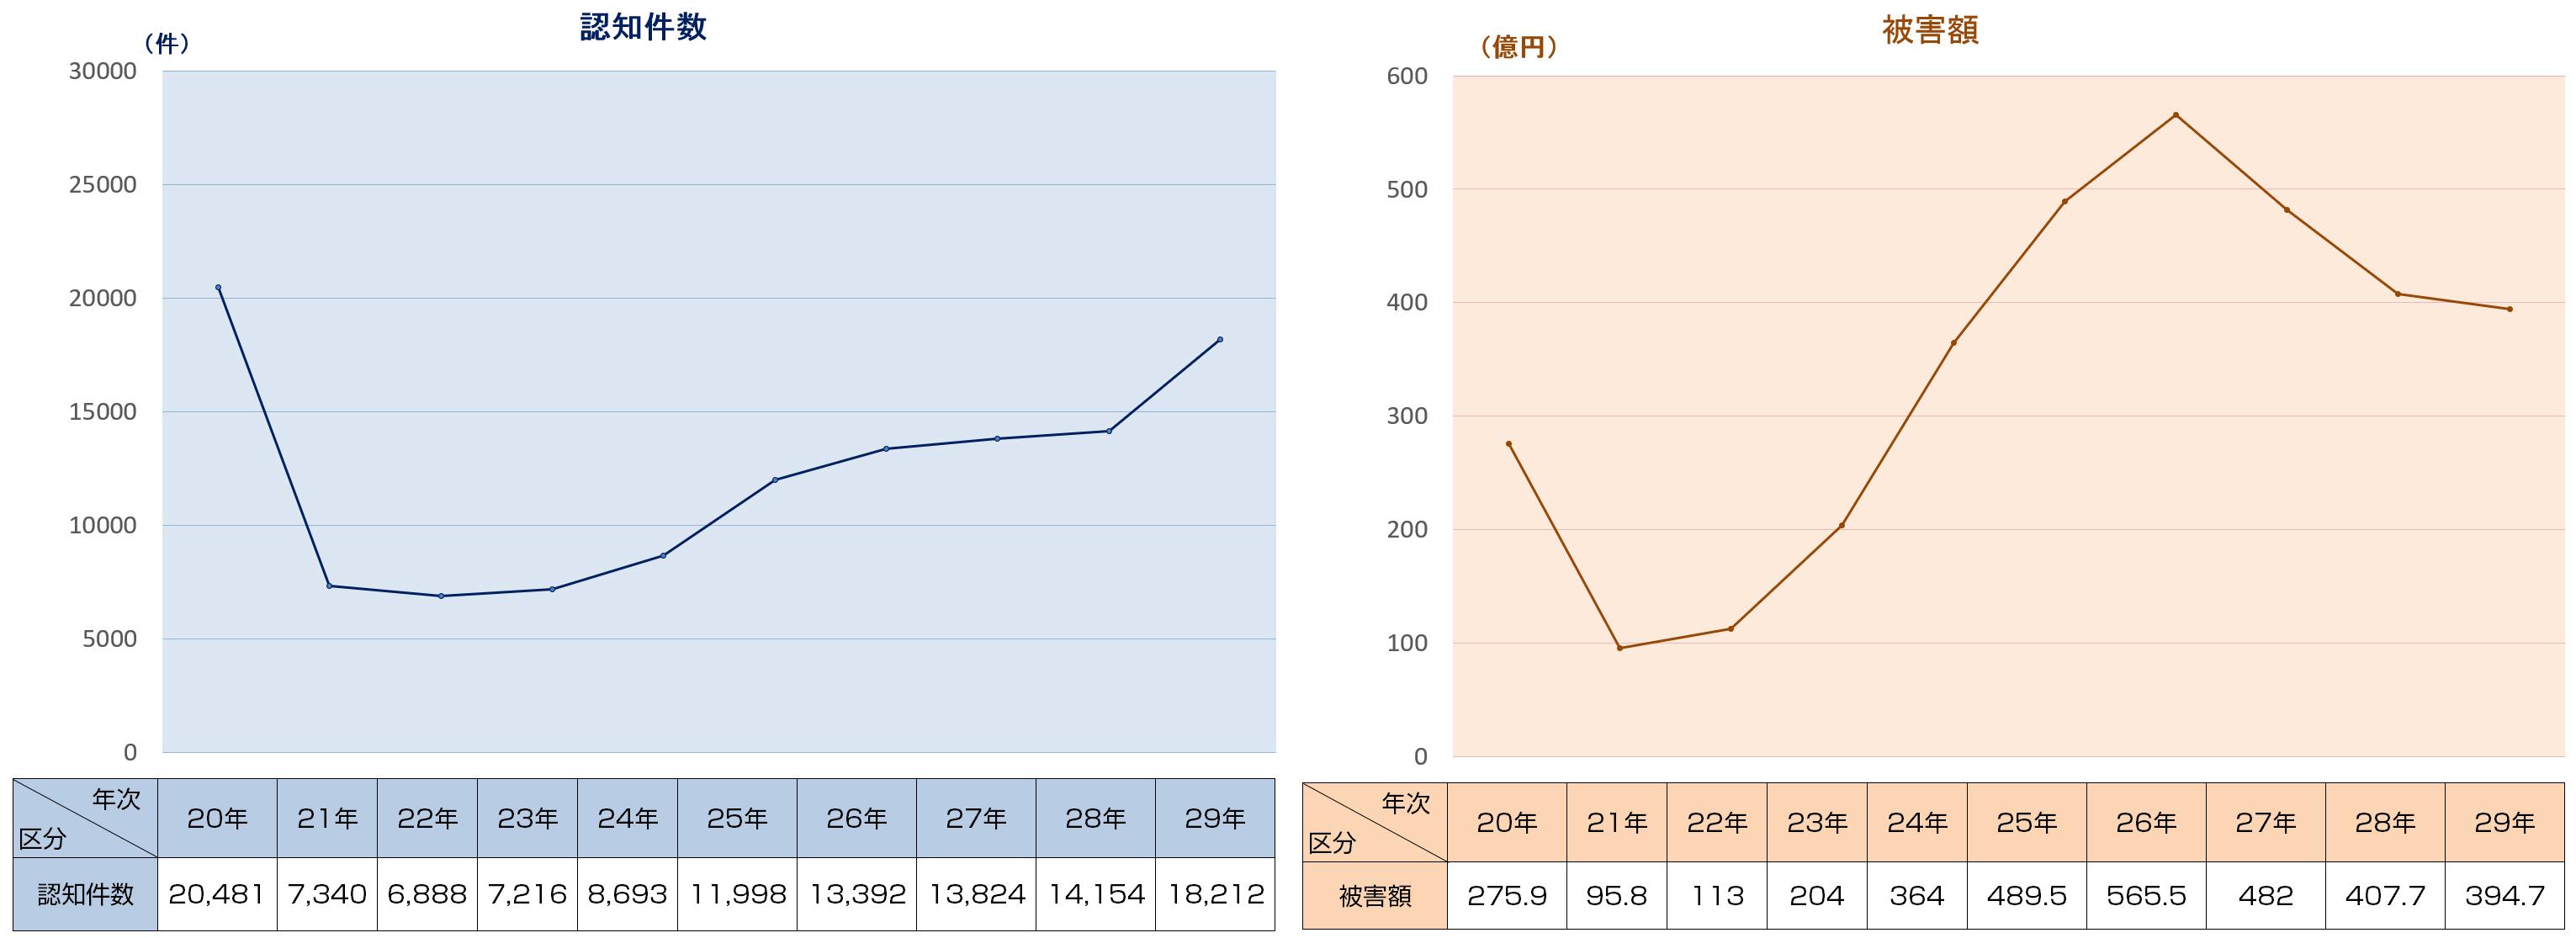 投資詐欺_グラフ認知件数 投資詐欺_グラフ被害額